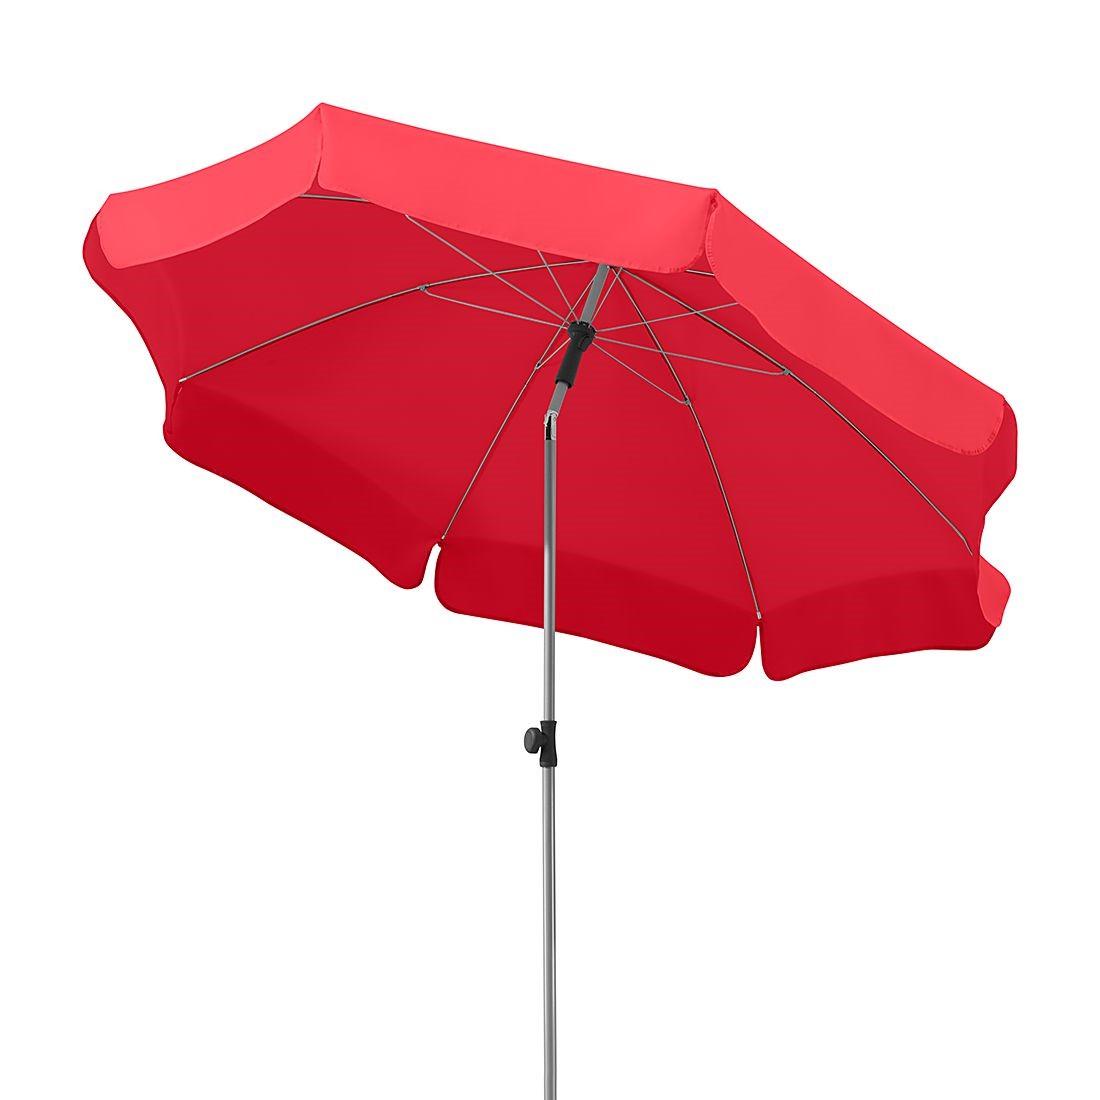 Sonnenschirm Micco II - Stahl/Polyester - Silber/Rot, Schneider Schirme